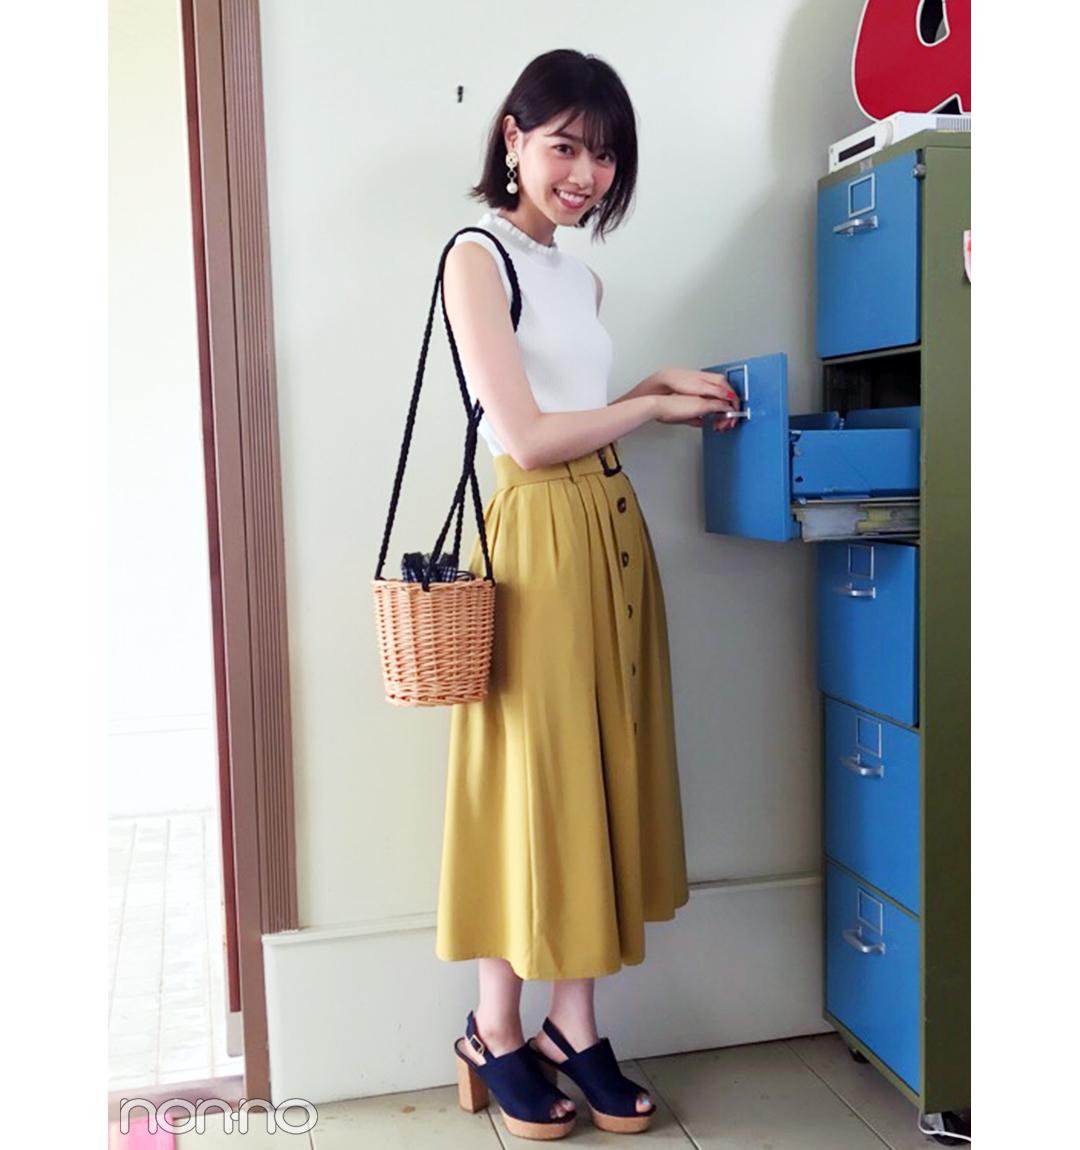 西野七瀬は夏っぽイエローのスカートでお出かけコーデ!【毎日コーデ】_1_1